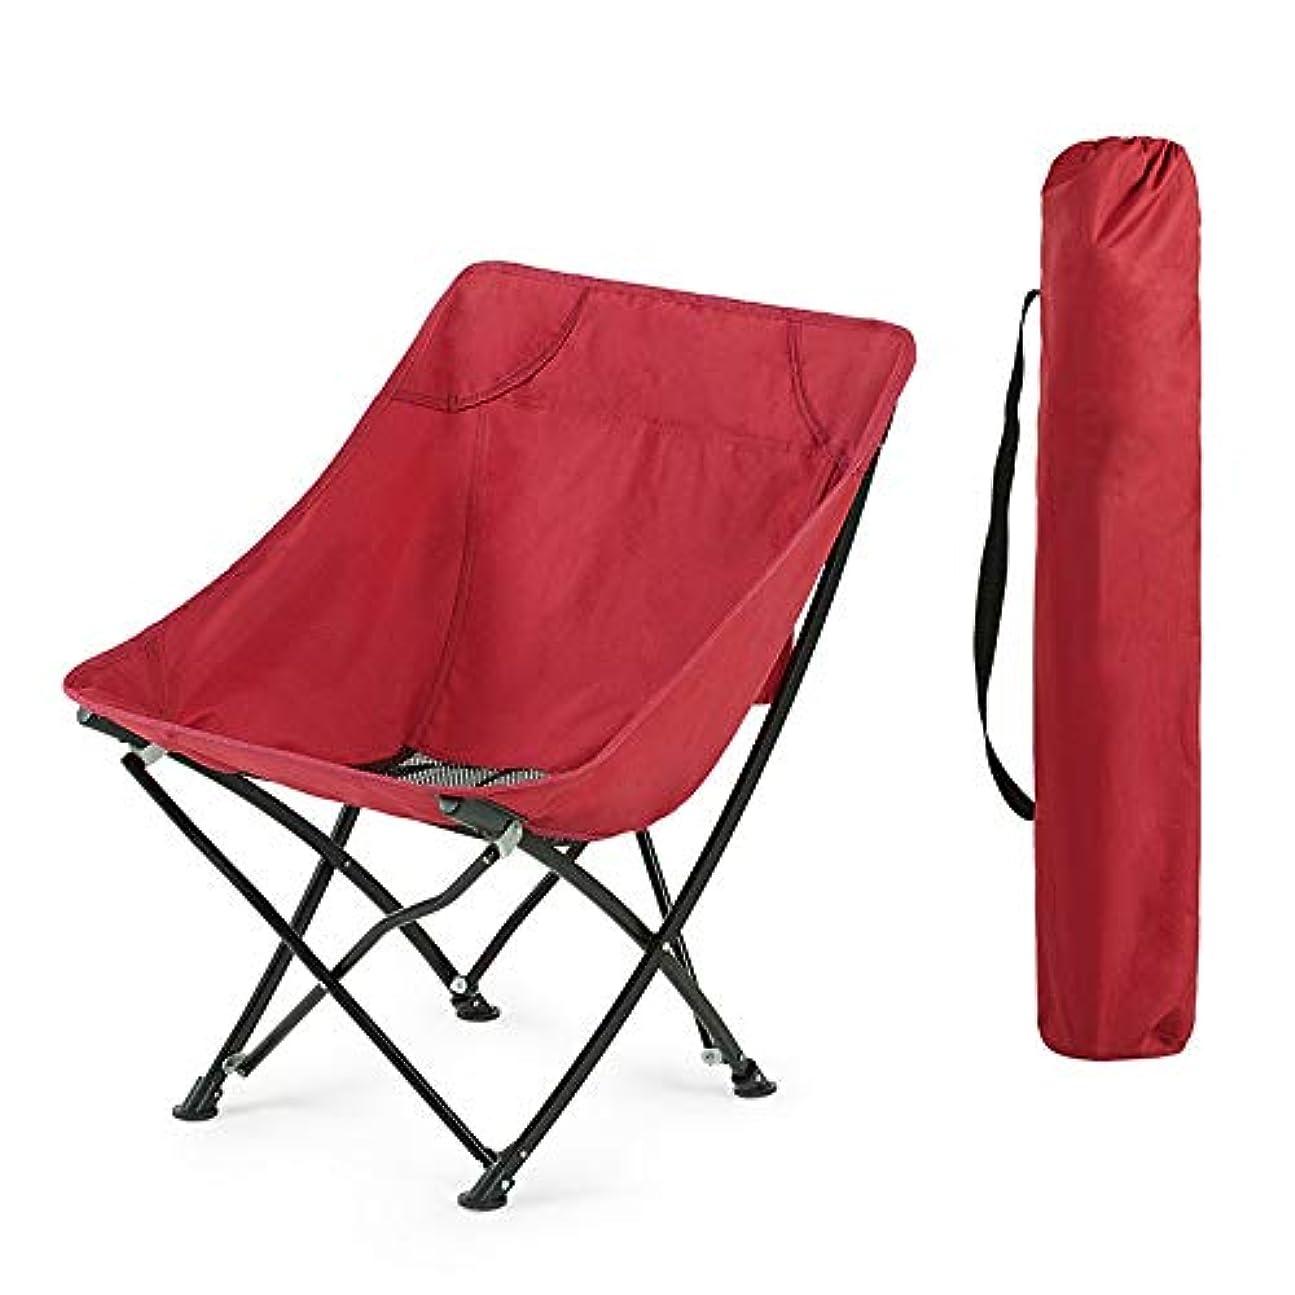 基準二層犯すキャンプチェア 携帯用屋外の折りたたみ椅子釣浜の祭りの庭またはあらゆる野外活動のためのキャリーバッグが付いているキャンプの椅子 ビーチトラベルピクニックフェスティバル (色 : Red, Size : 37x45x70cm)